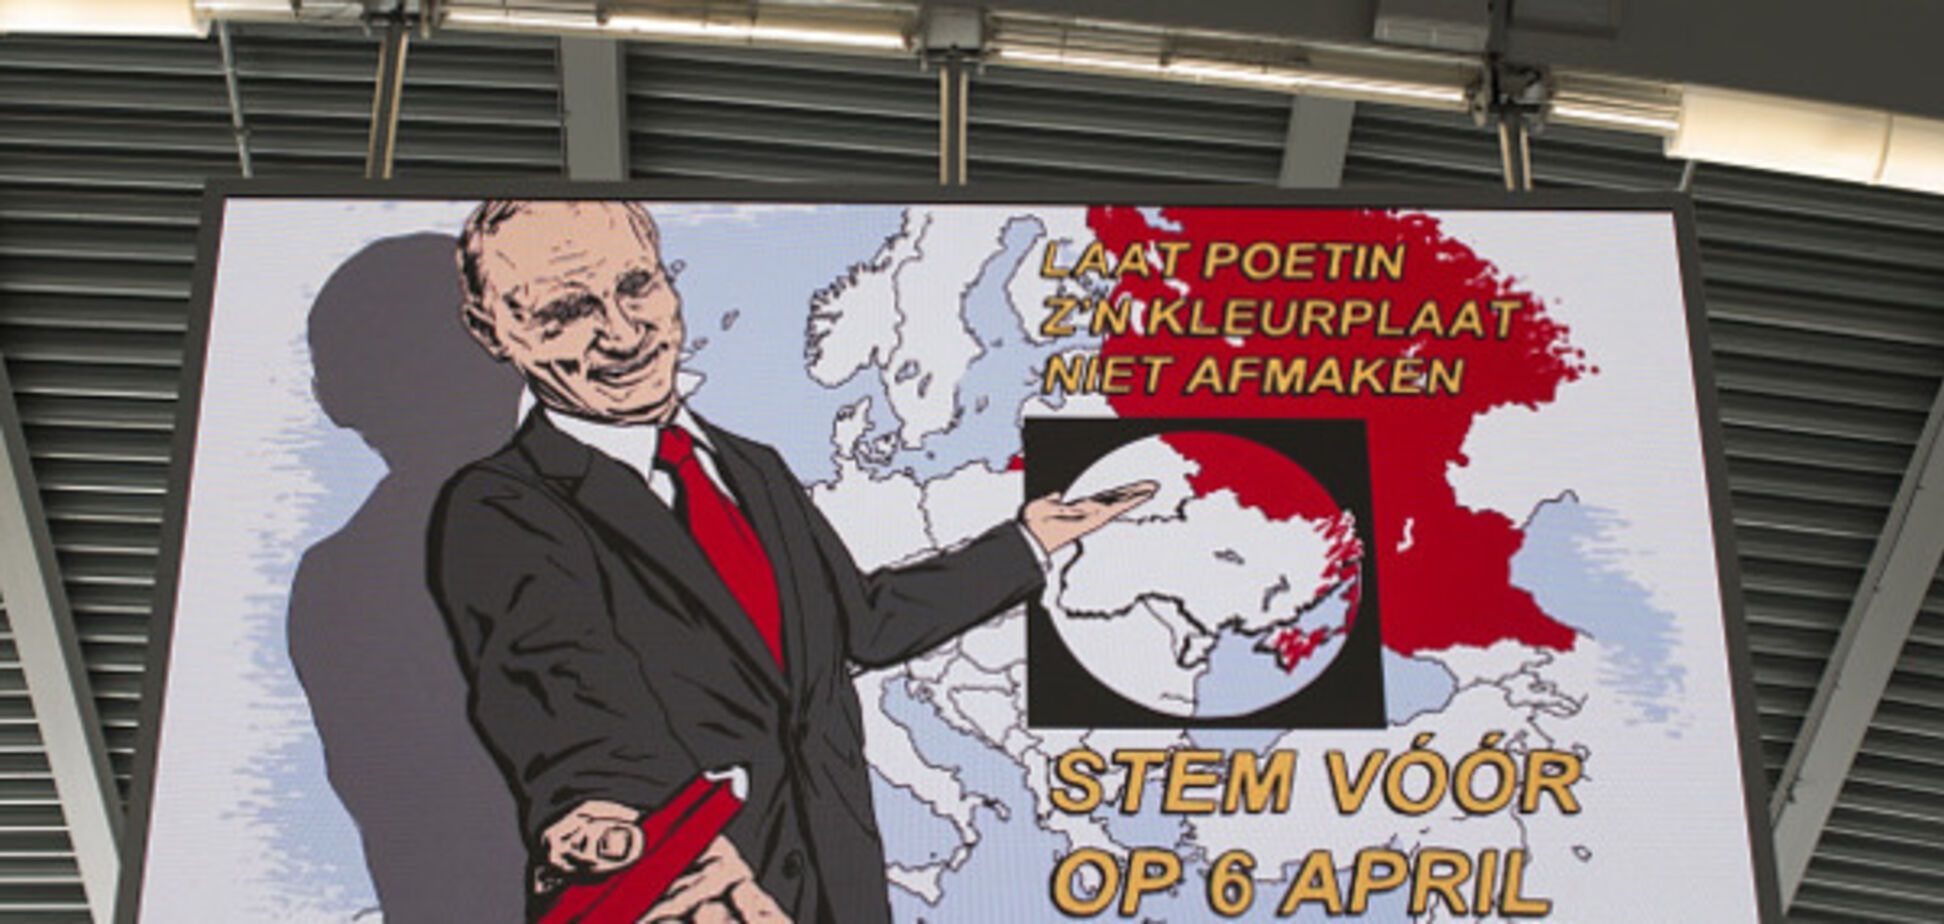 Агітація на референдумі в Нідерландах